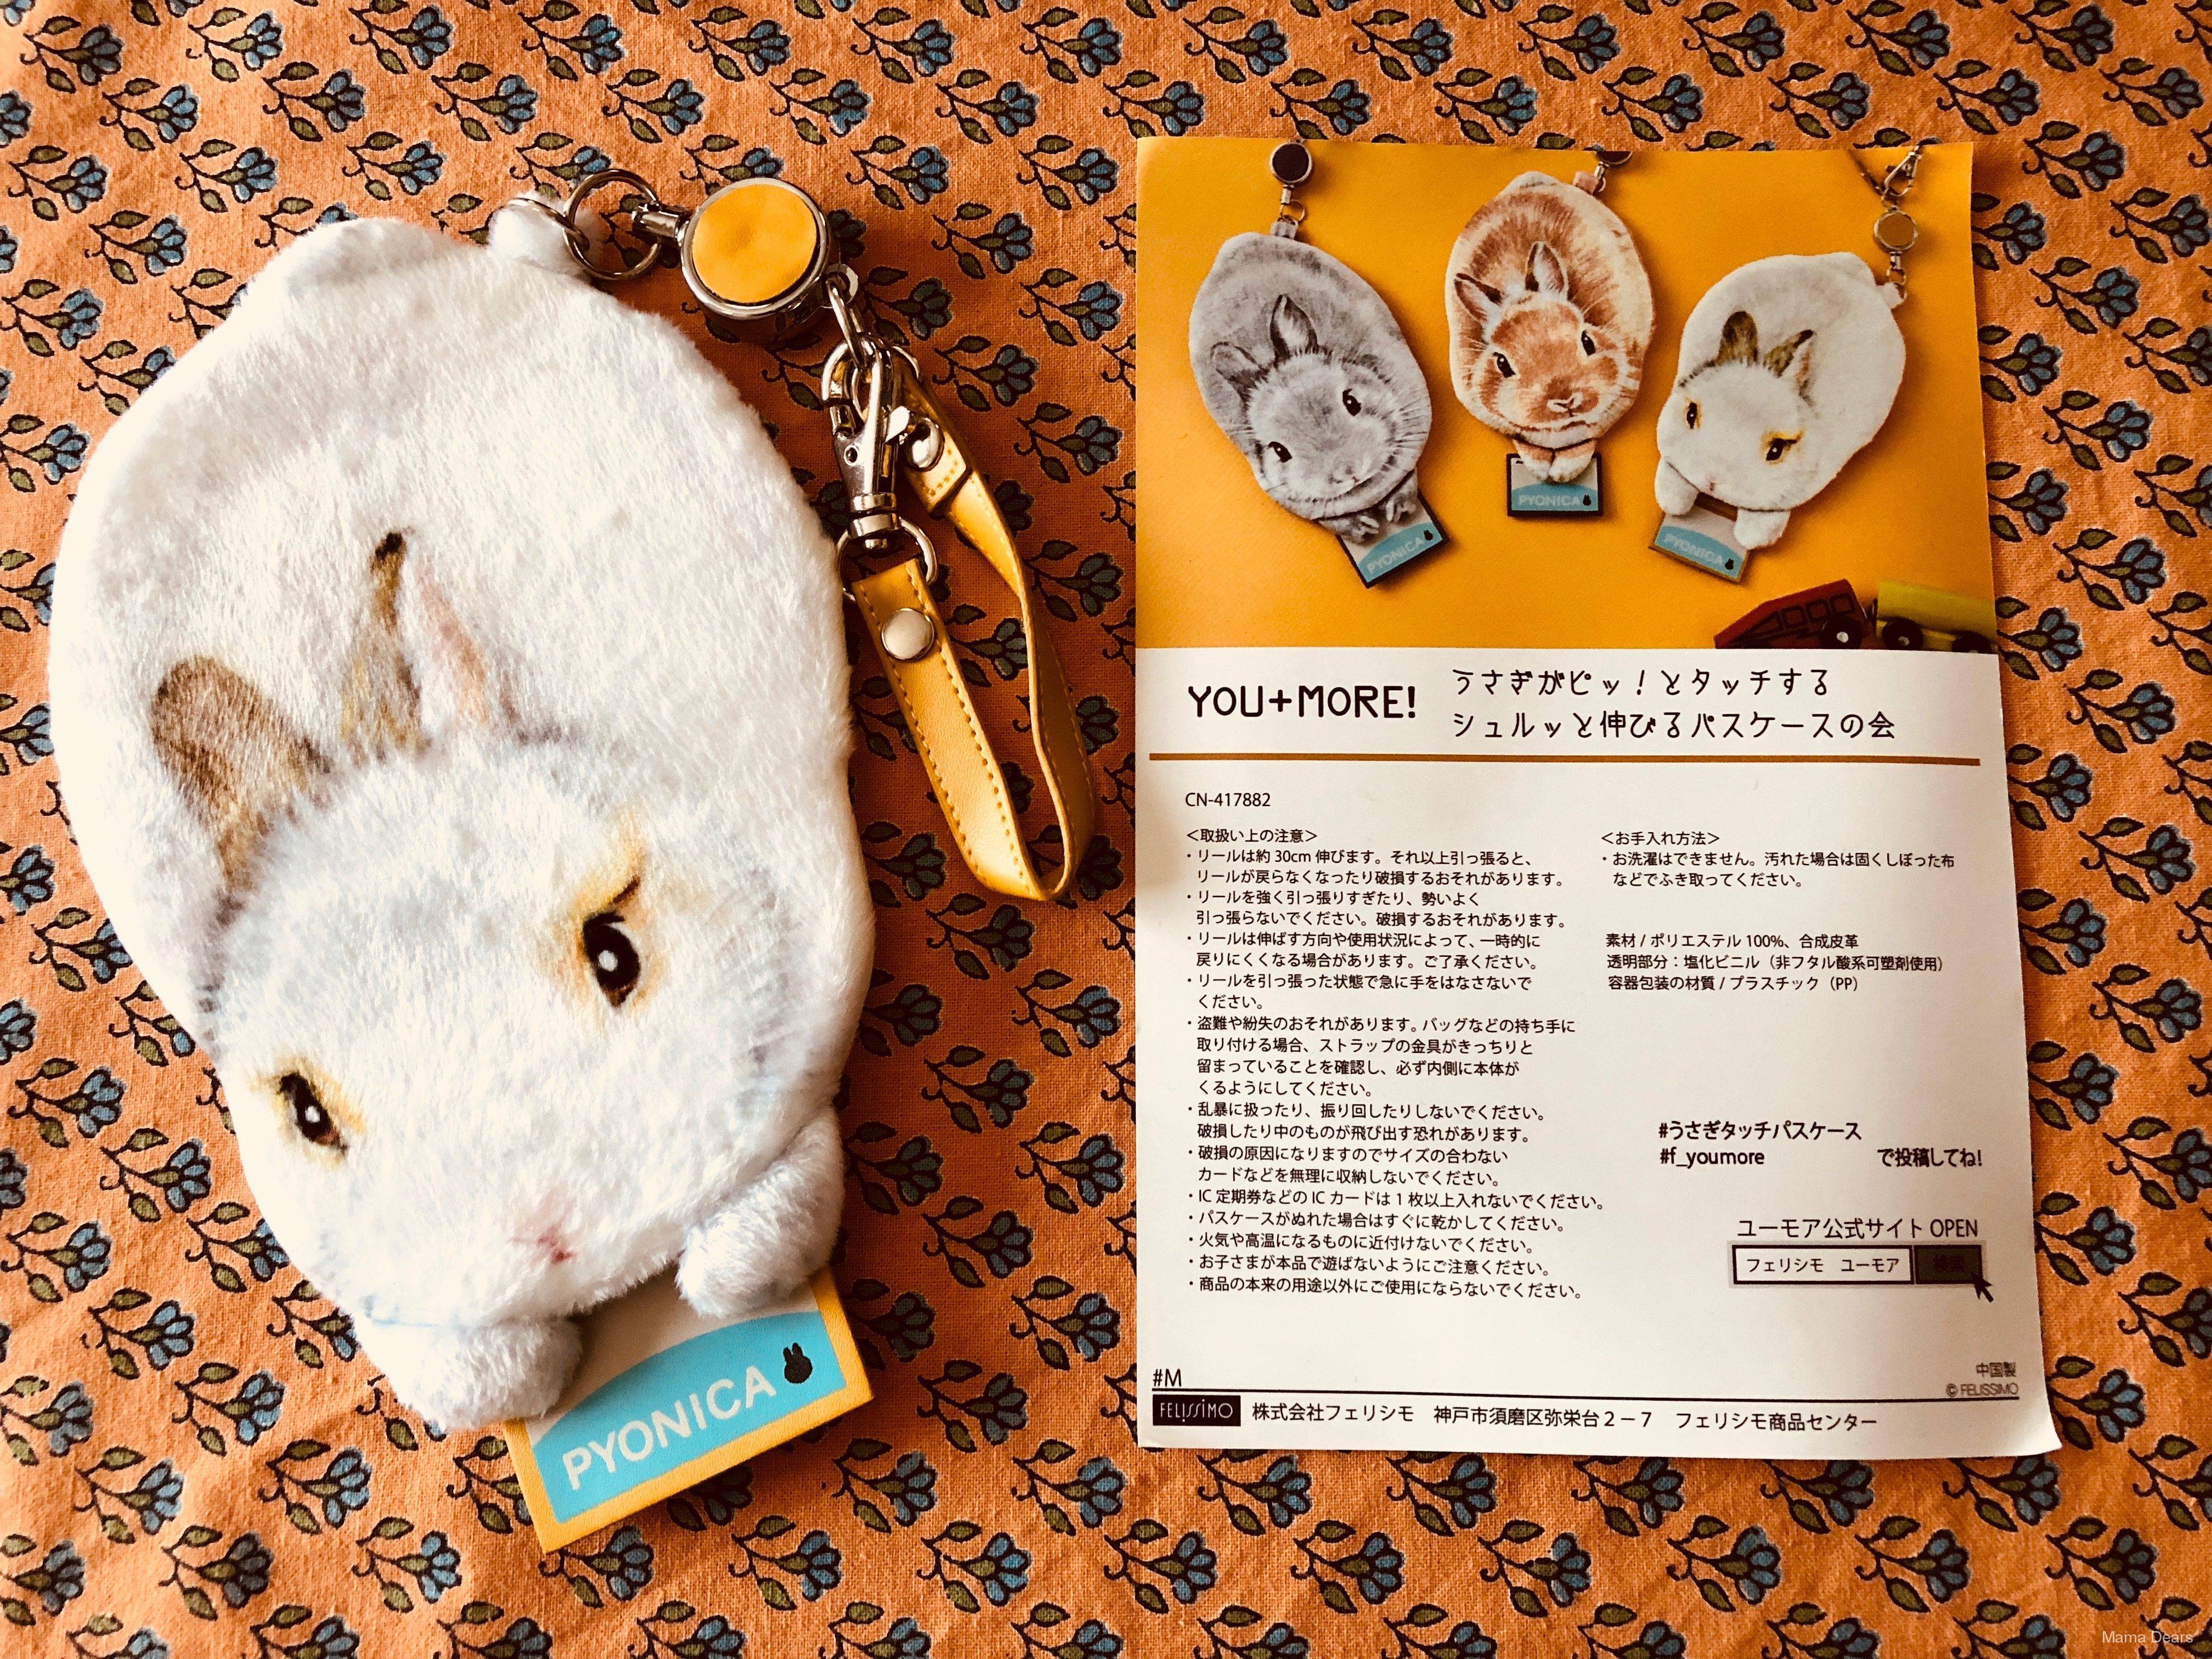 うさぎパスケースの説明用紙